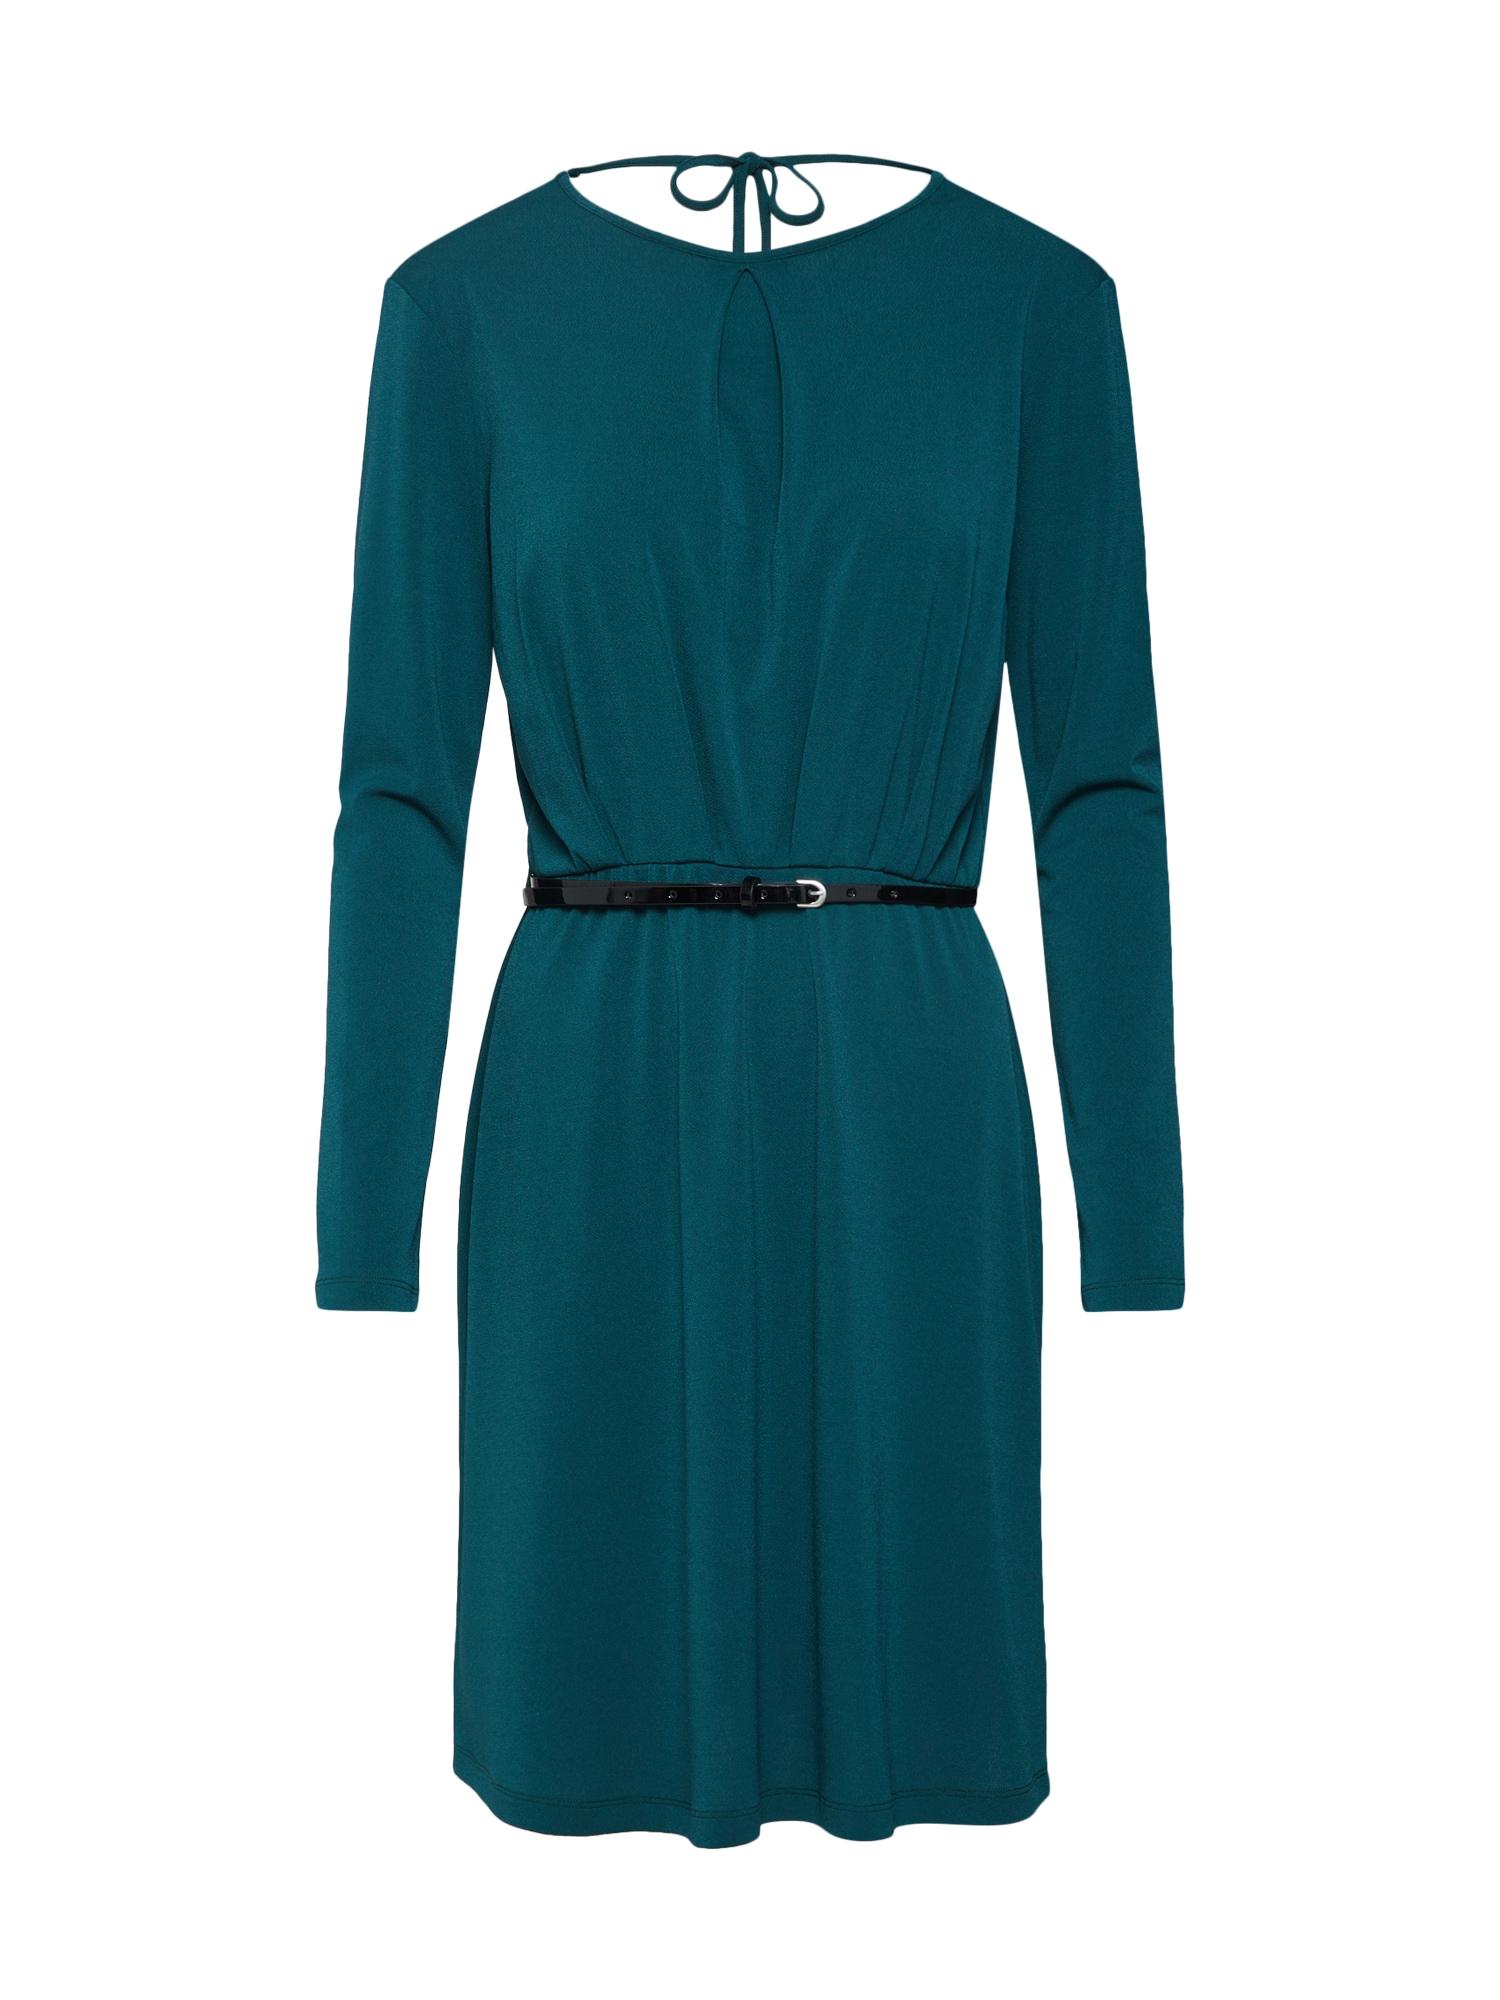 Koktejlové šaty Valentina smaragdová ABOUT YOU